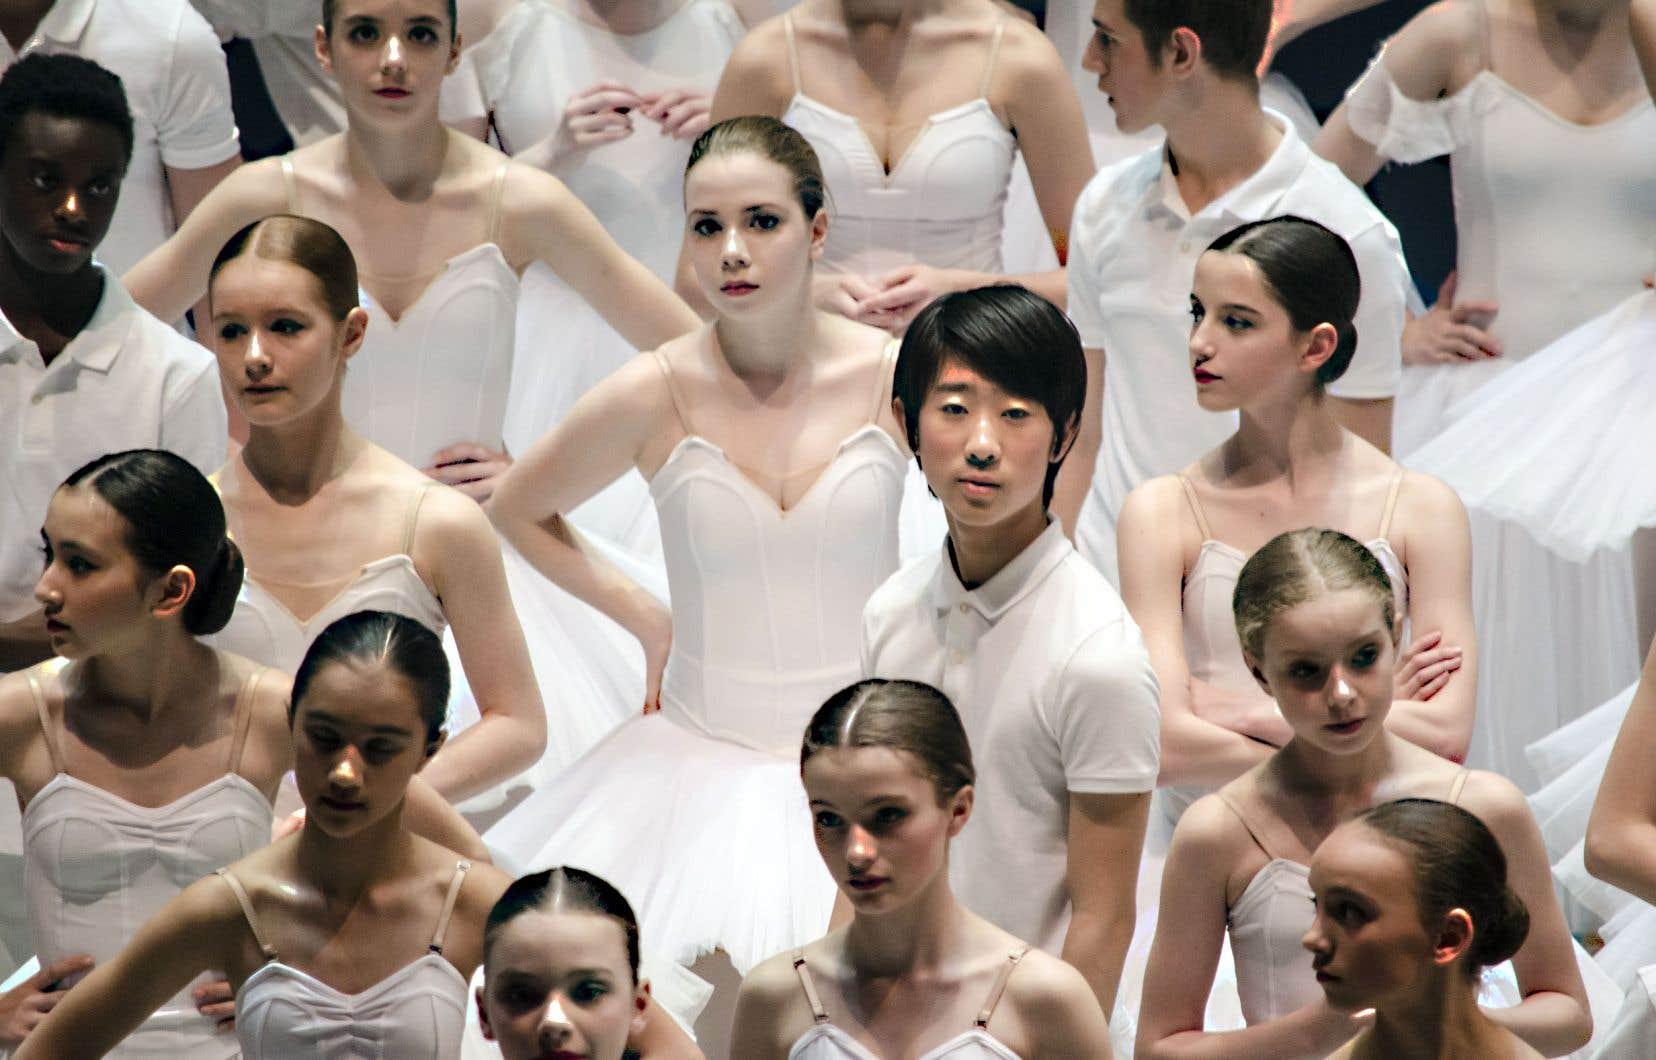 C'est un regard impitoyable et conformiste sur leur corps qui suit les élèves pas à pas durant leur formation.